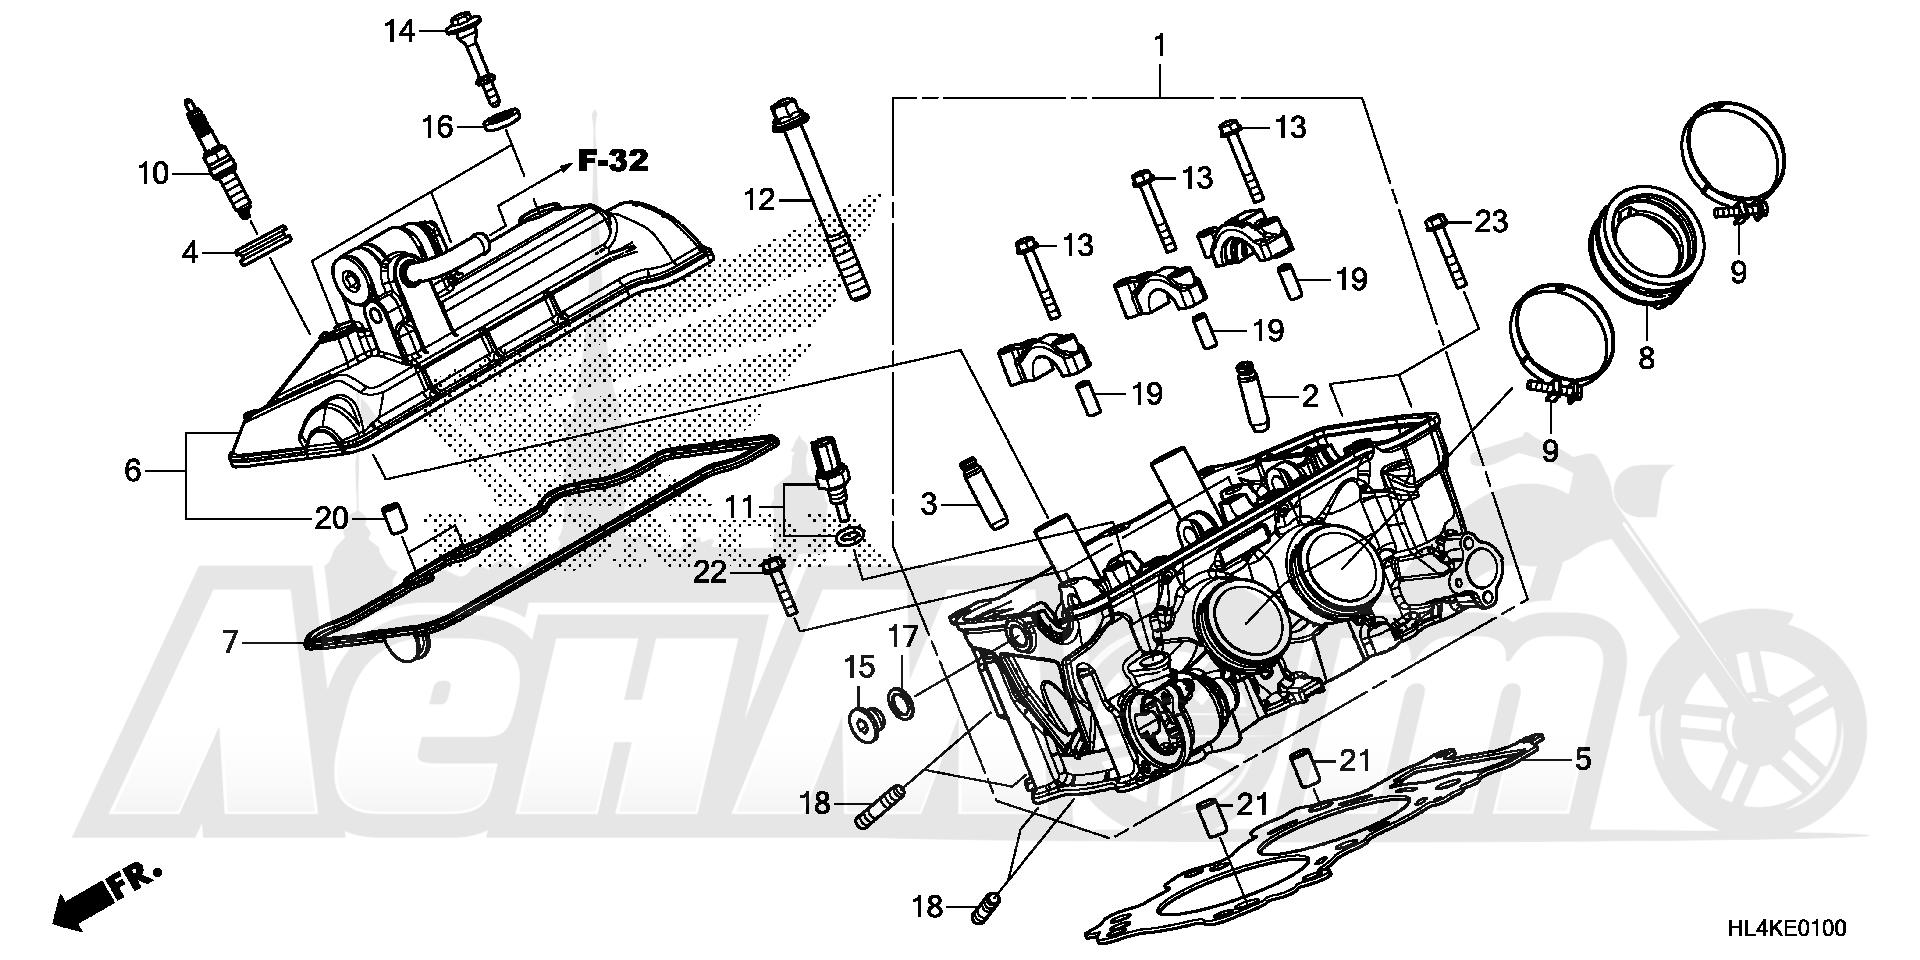 Запчасти для Квадроцикла Honda 2019 SXS1000M5L Раздел: CYLINDER HEAD | головка цилиндра